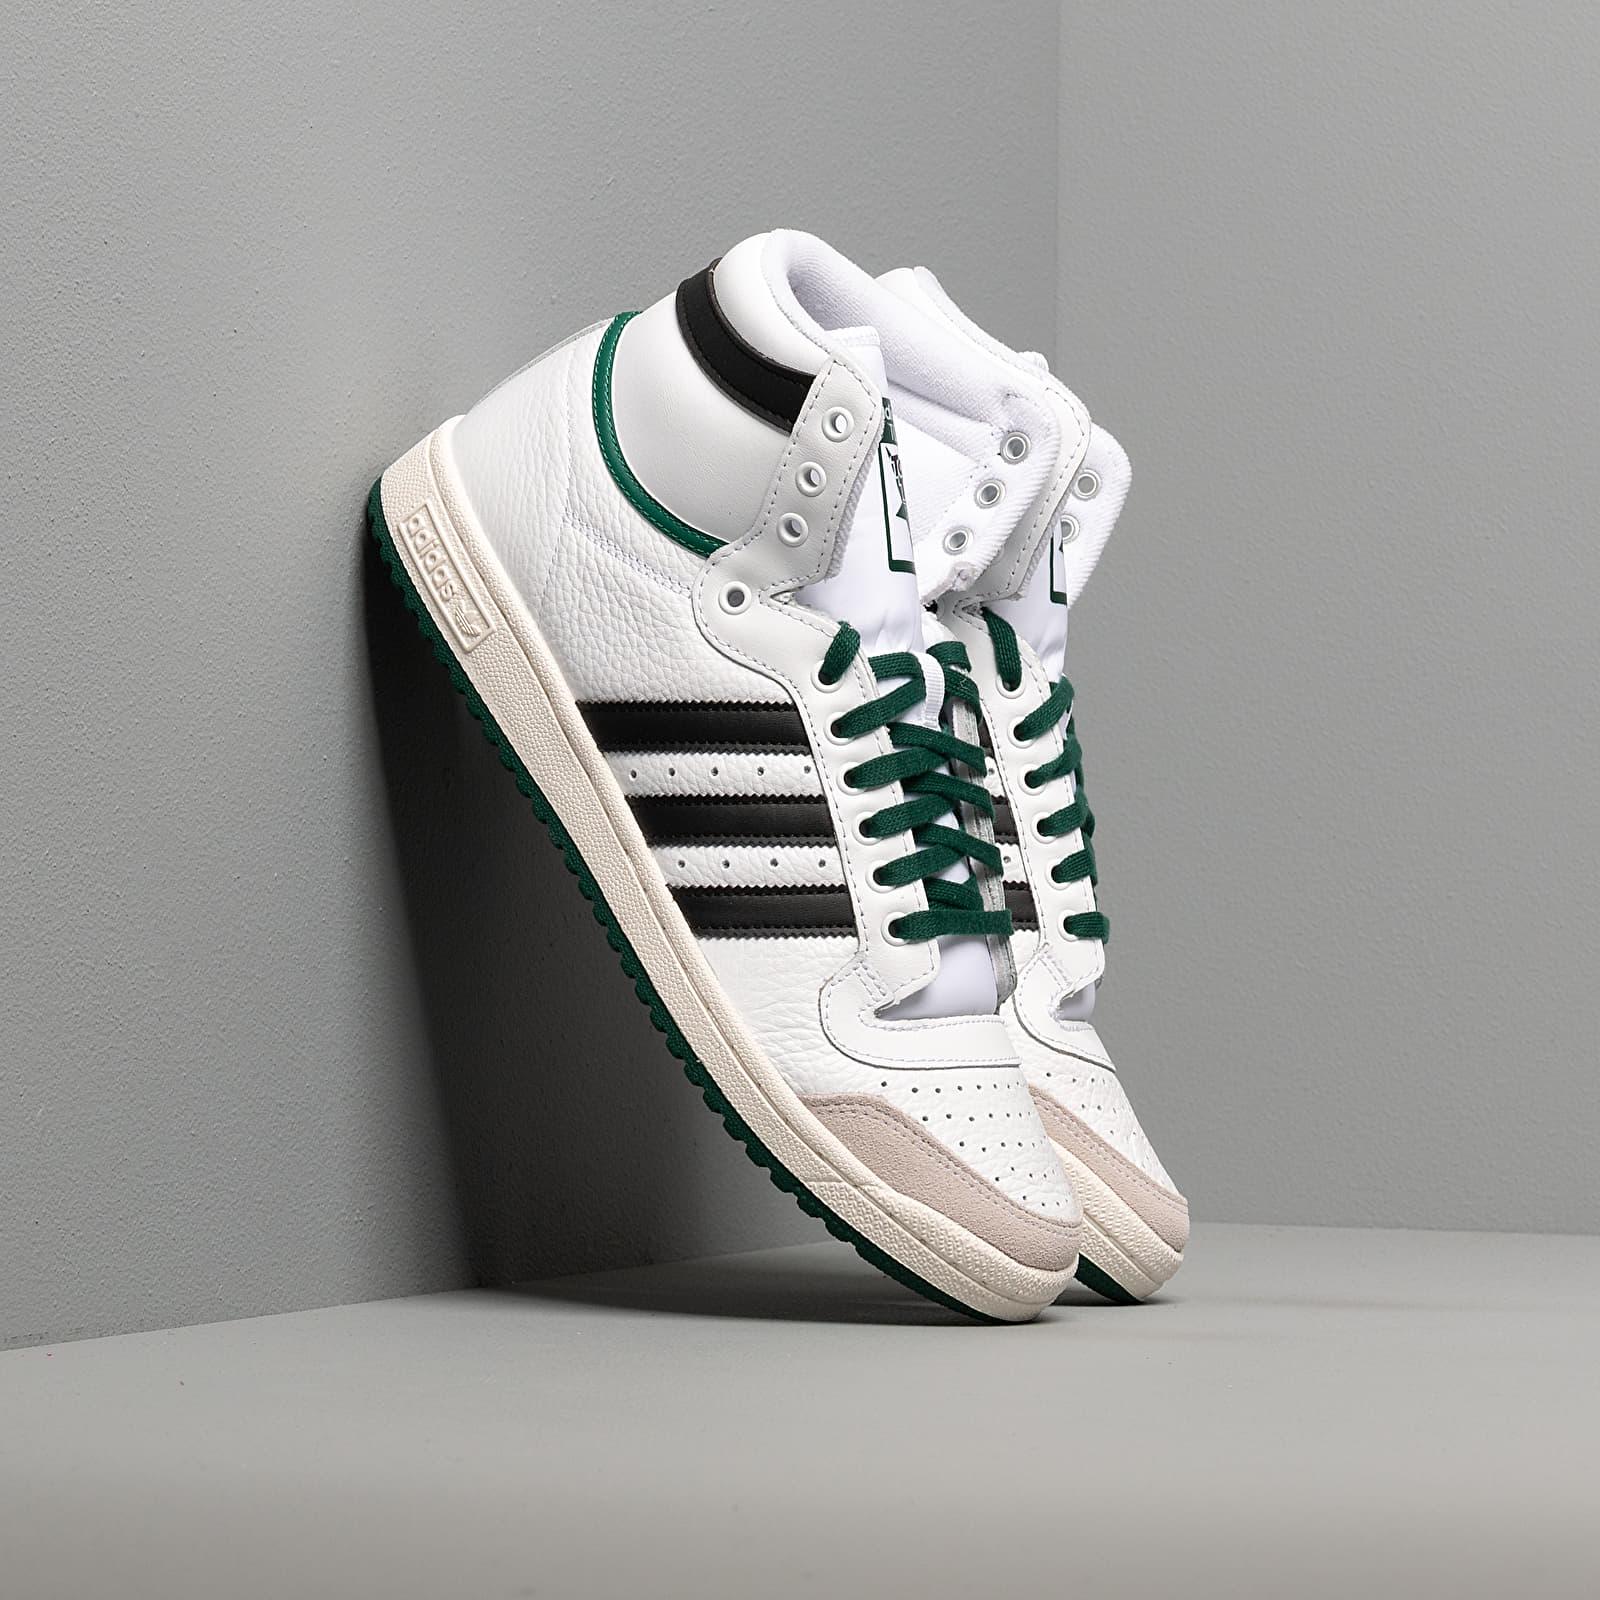 Pánské tenisky a boty adidas Top Ten Hi Ftw White/ Core Black/ Core Green